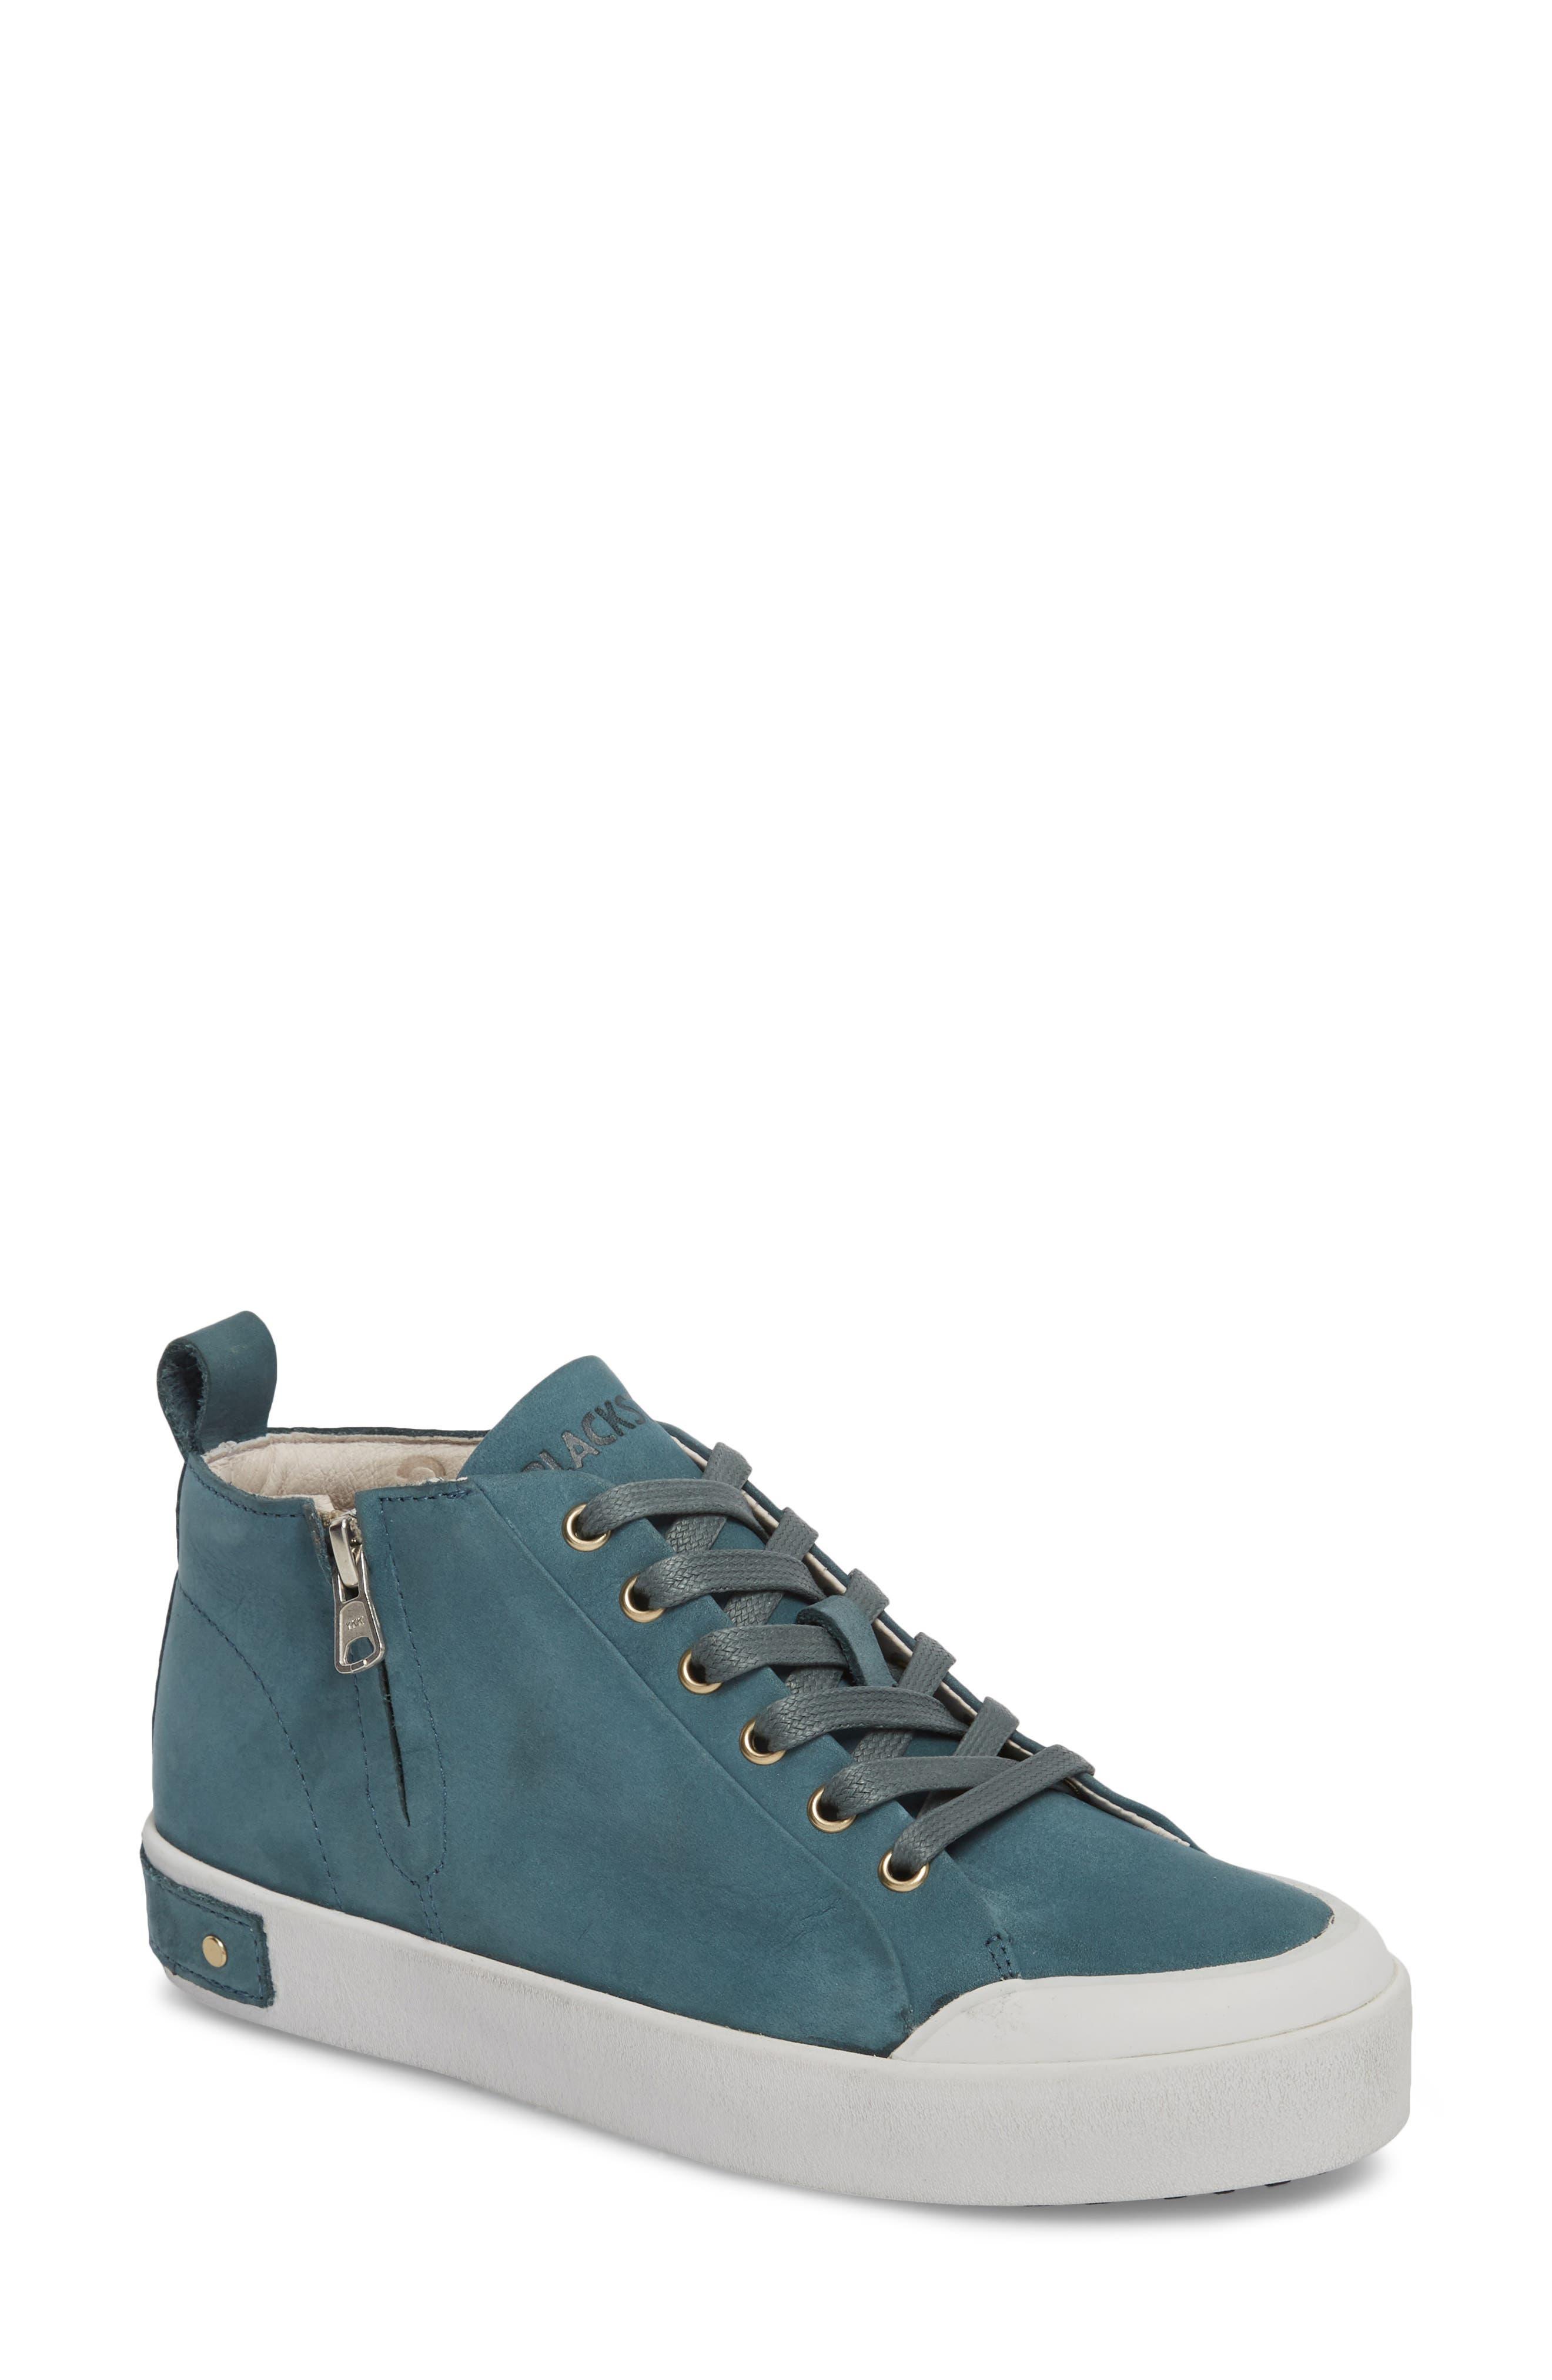 Blackstone Pl83 Mid Rise Sneaker, Blue